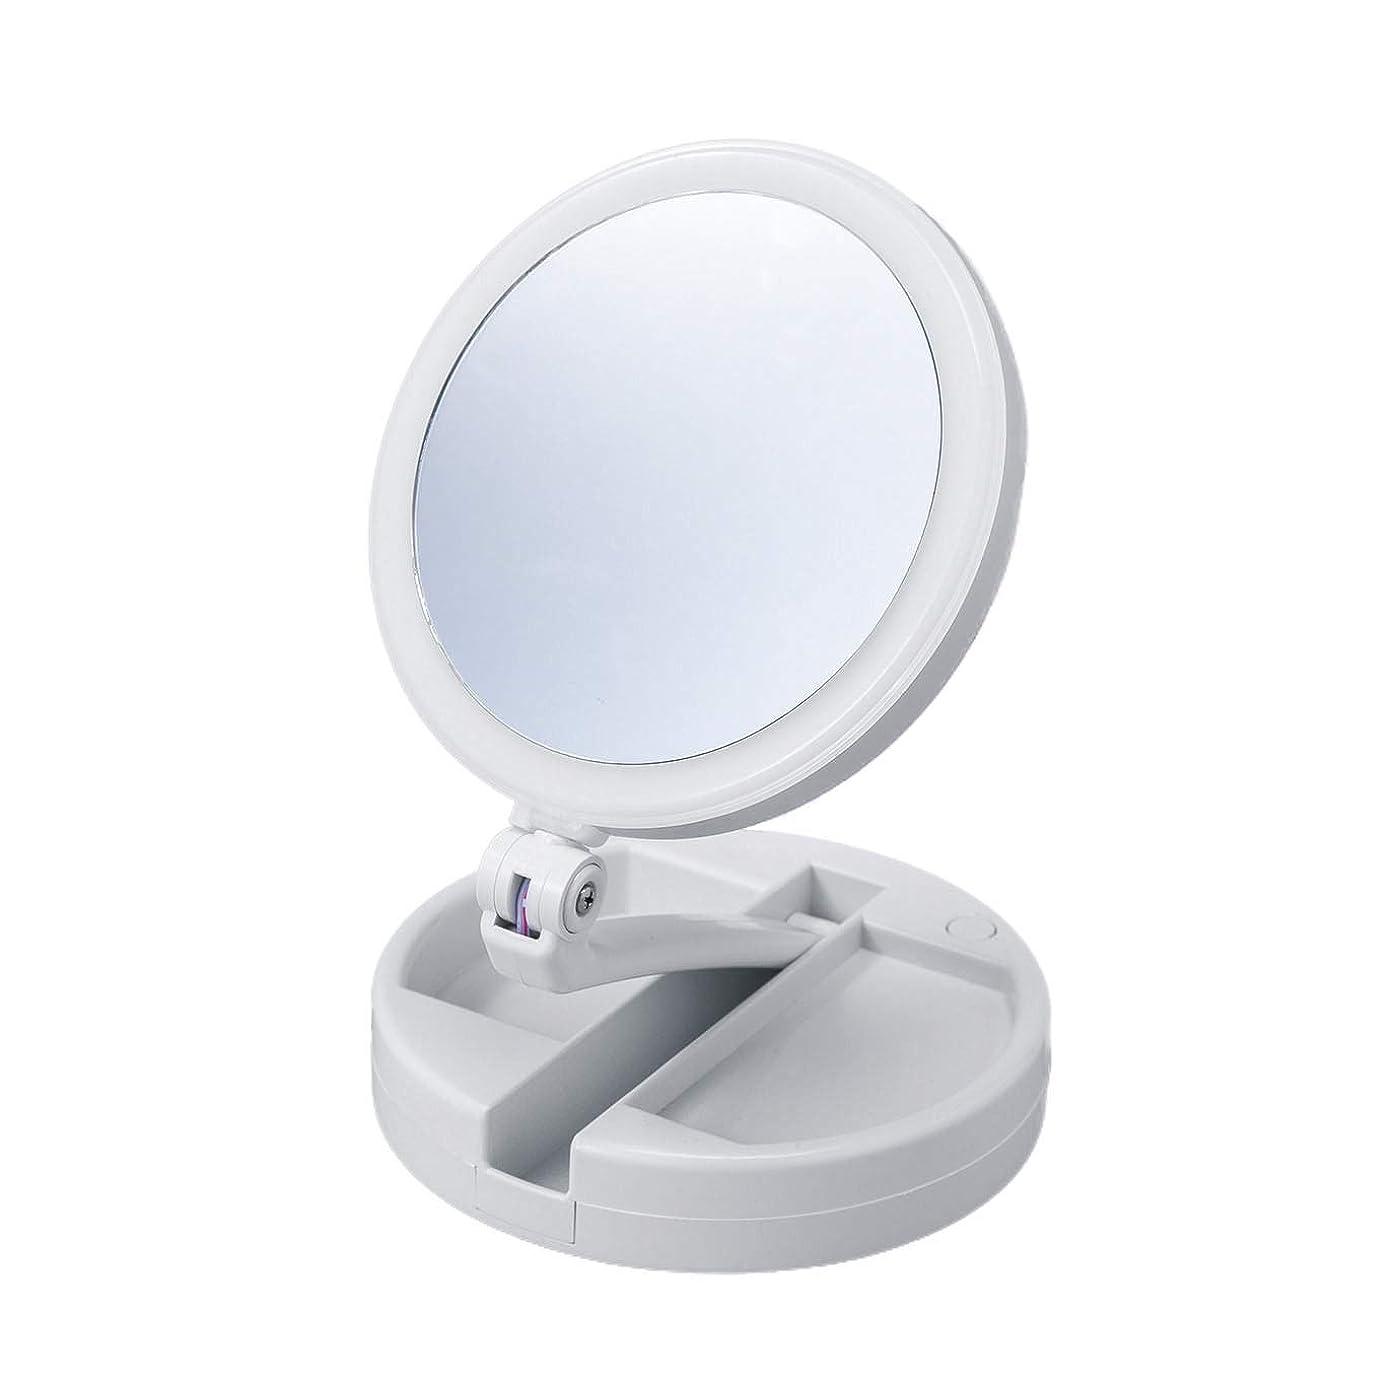 水差しクリア接地たためる10倍拡大鏡付きの2面ミラー(ライト付) 卓上 スタンドミラー 化粧鏡 メイク 小物入れ